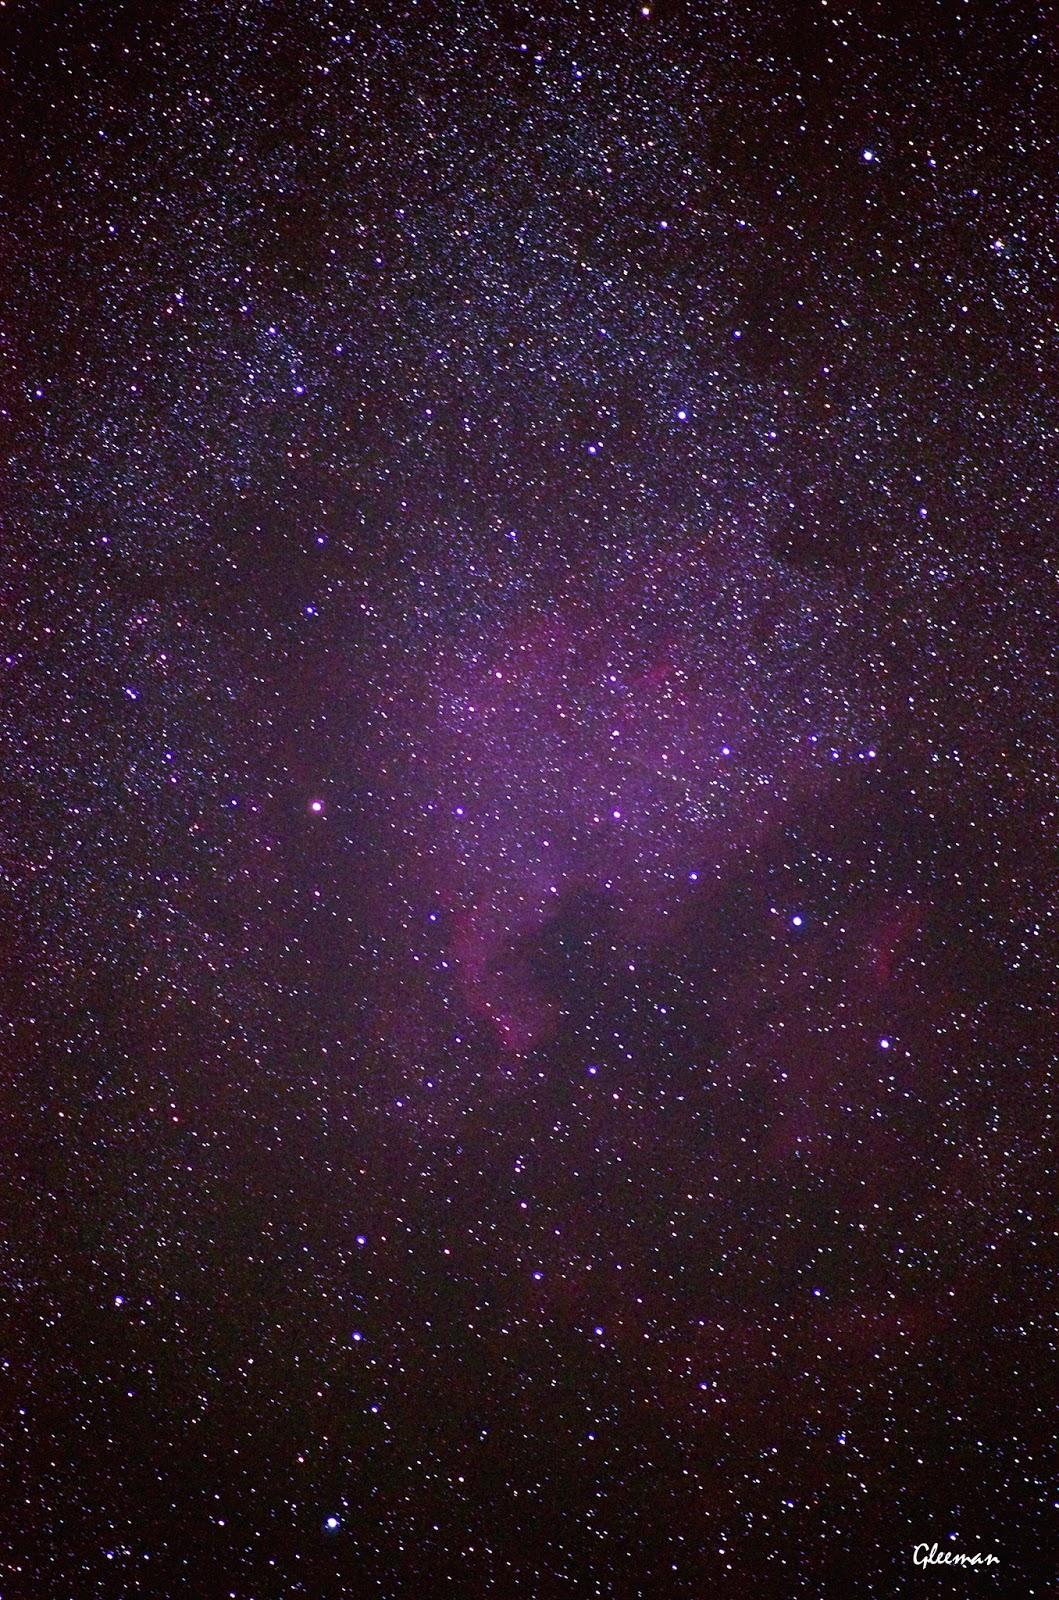 北美洲星雲以及鵜鶘星雲, Pentax K5+O-GPS1/DA*200 /LPS-P2